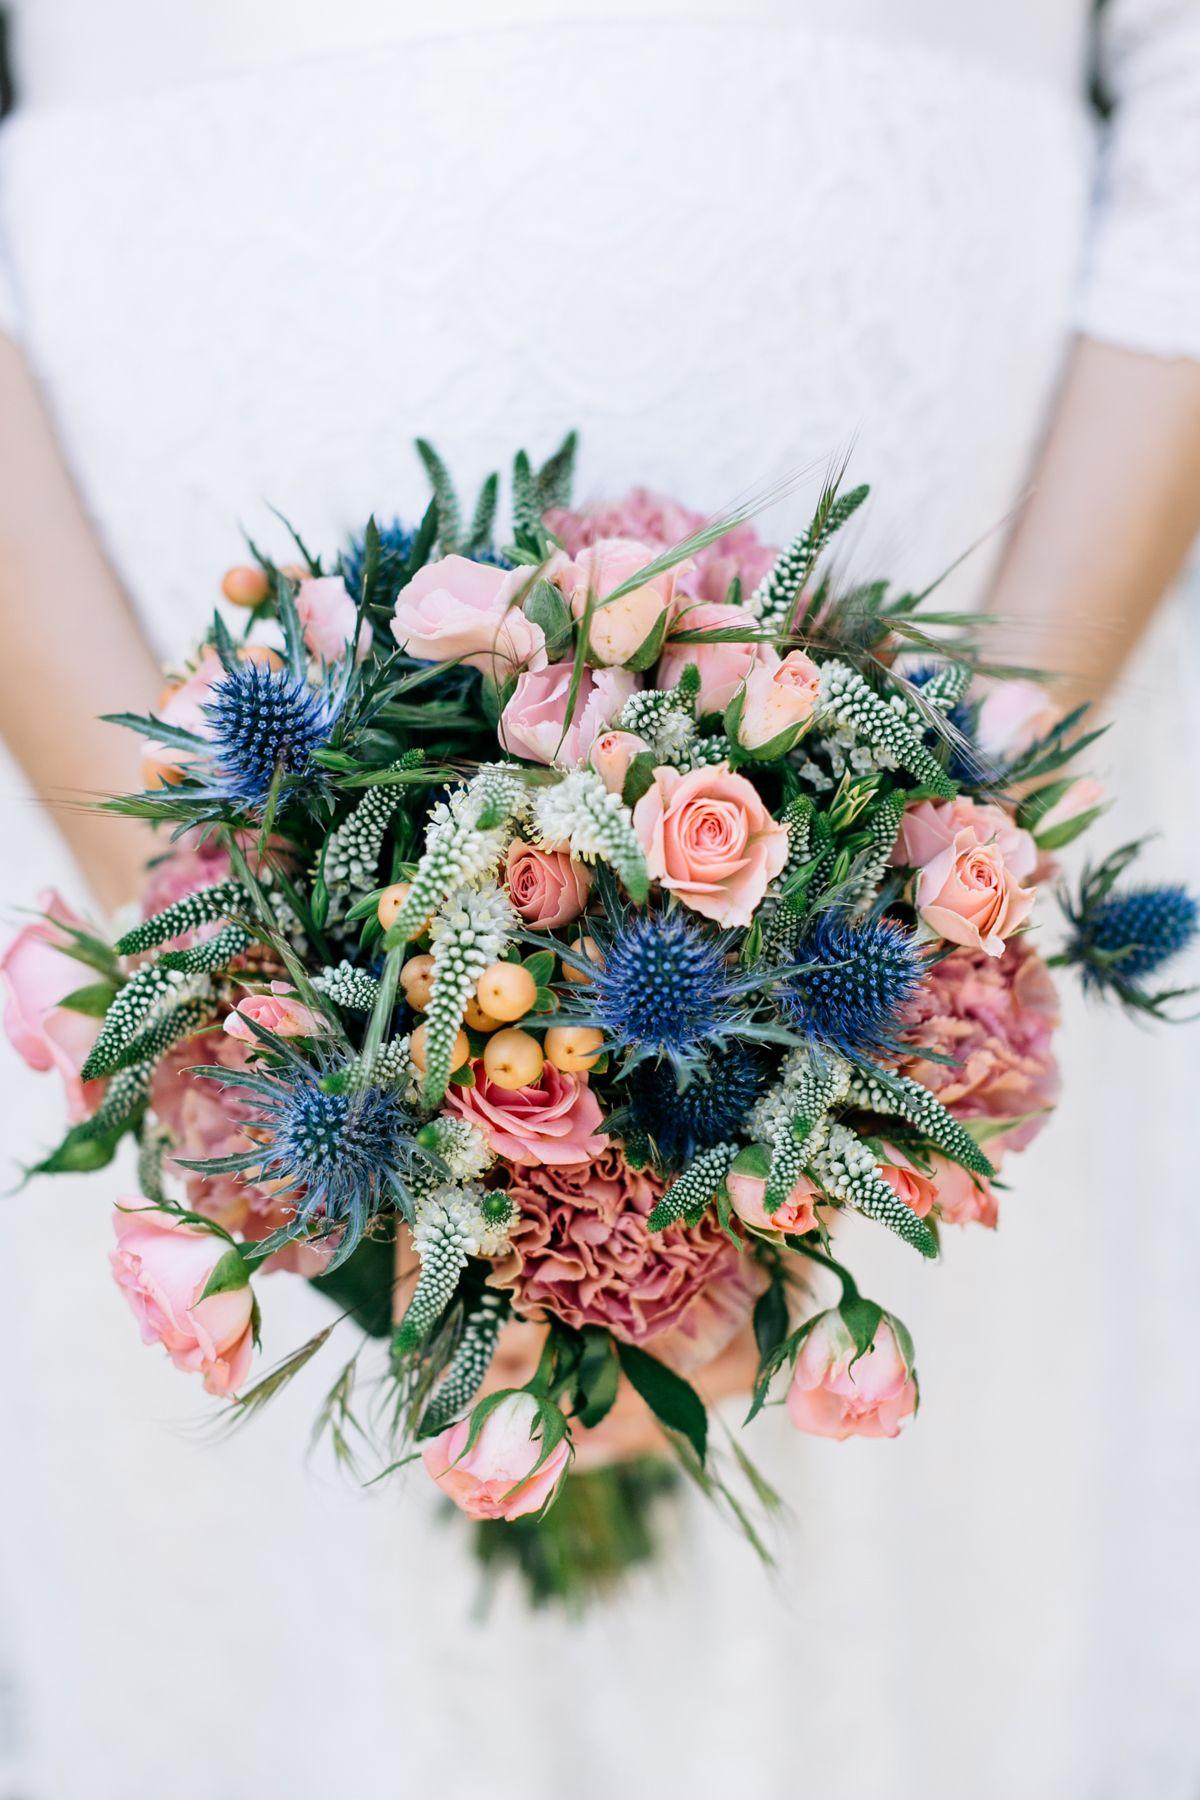 Sommerliche Hochzeit zu Dritt in Blau und Peach | Hochzeitsblog The Little Wedding Corner #bridalflowerbouquets